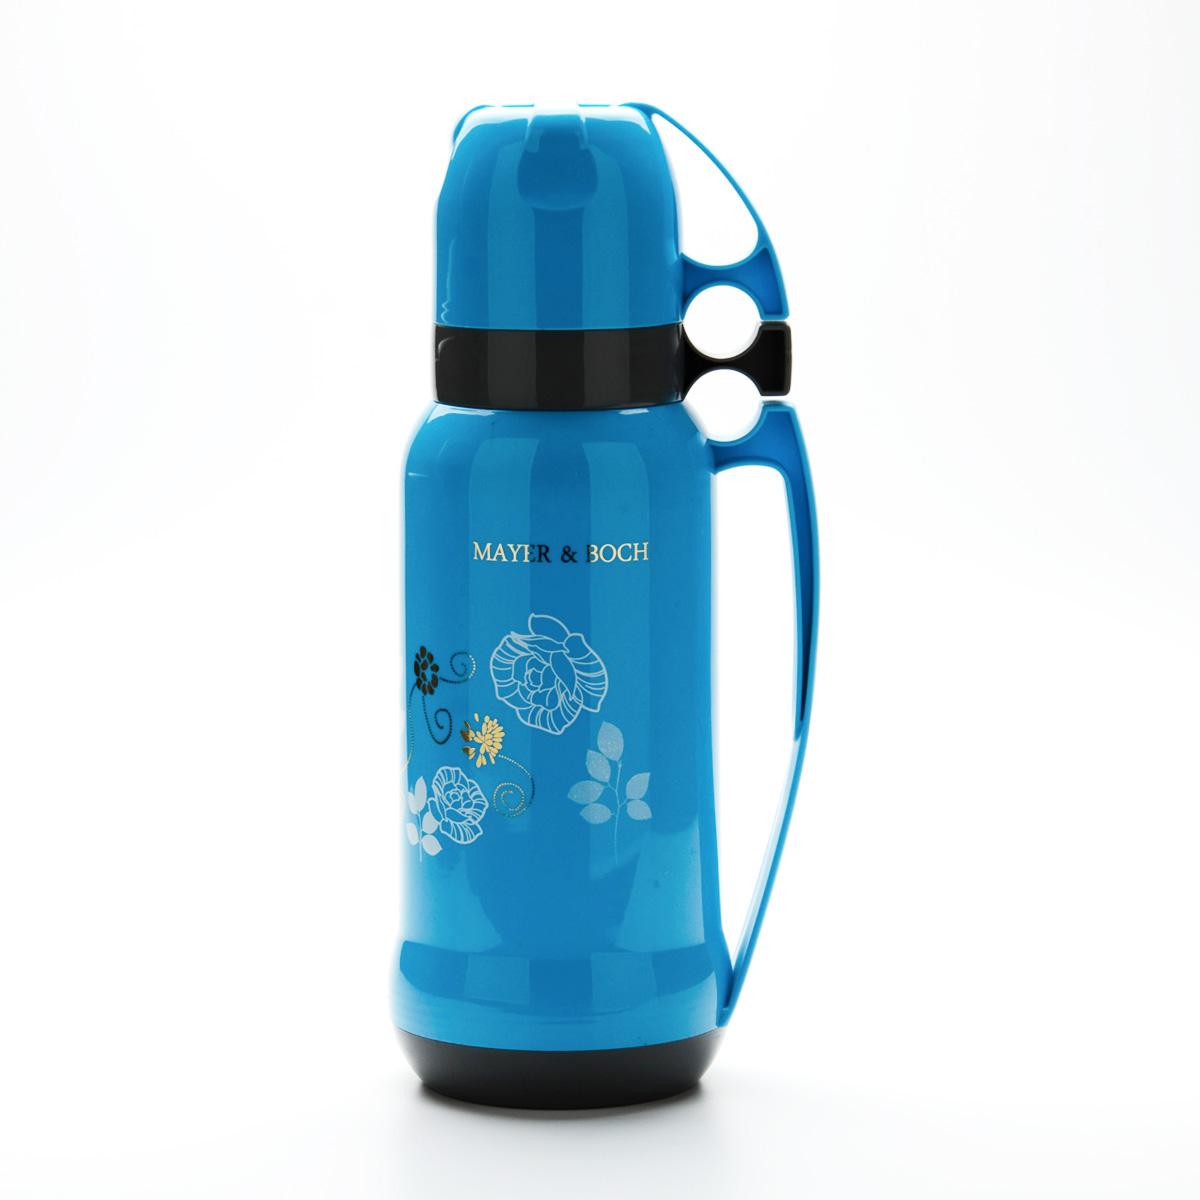 Термос Mayer & Boch, цвет: голубой, 1,8 л115610Пищевой термос с узким горлом Mayer & Boch изготовлен из высококачественного пластика и алюминия и декорирован цветочным рисунком. Термос предназначен для хранения горячих и холодных напитков и укомплектован откручивающейся пробкой без кнопки. Такая пробка надежна, проста в использовании и позволяет дольше сохранять тепло благодаря дополнительной теплоизоляции. Изделие также оснащено крышкой-чашкой, дополнительной чашкой и пластиковой ручкой для удобной переноски термоса. Термос отлично подходит для использования дома, в школе, на природе, в походах и т.д. Легкий и прочный термос Mayer & Boch сохранит ваши напитки горячими или холодными надолго. Высота (с учетом крышки): 38 см.Диаметр горлышка: 5,5 см.Диаметр основания: 10,5 см.